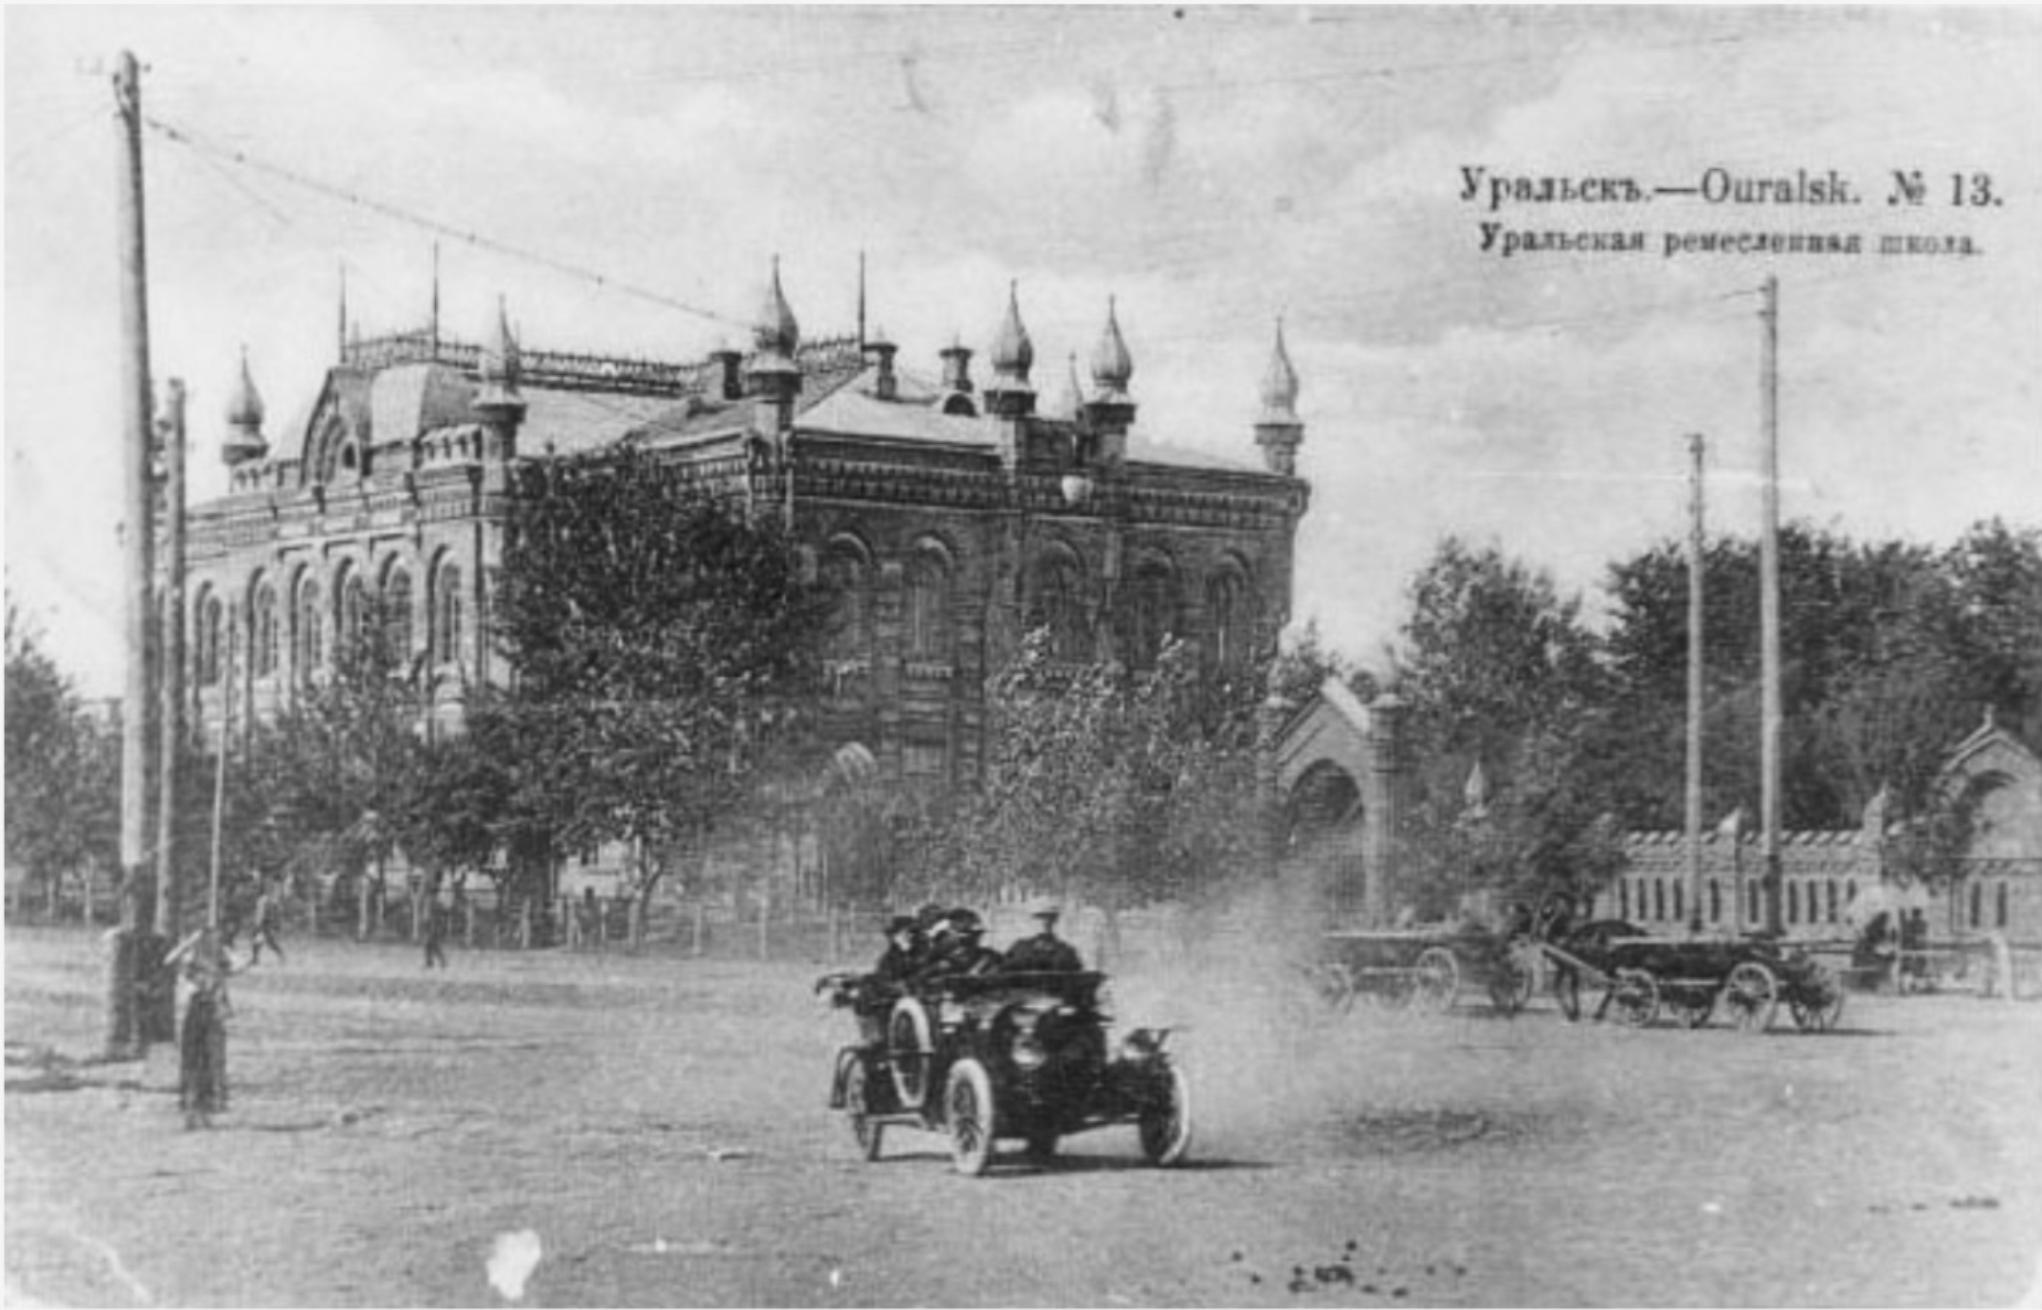 Уральская Ремесленная школа